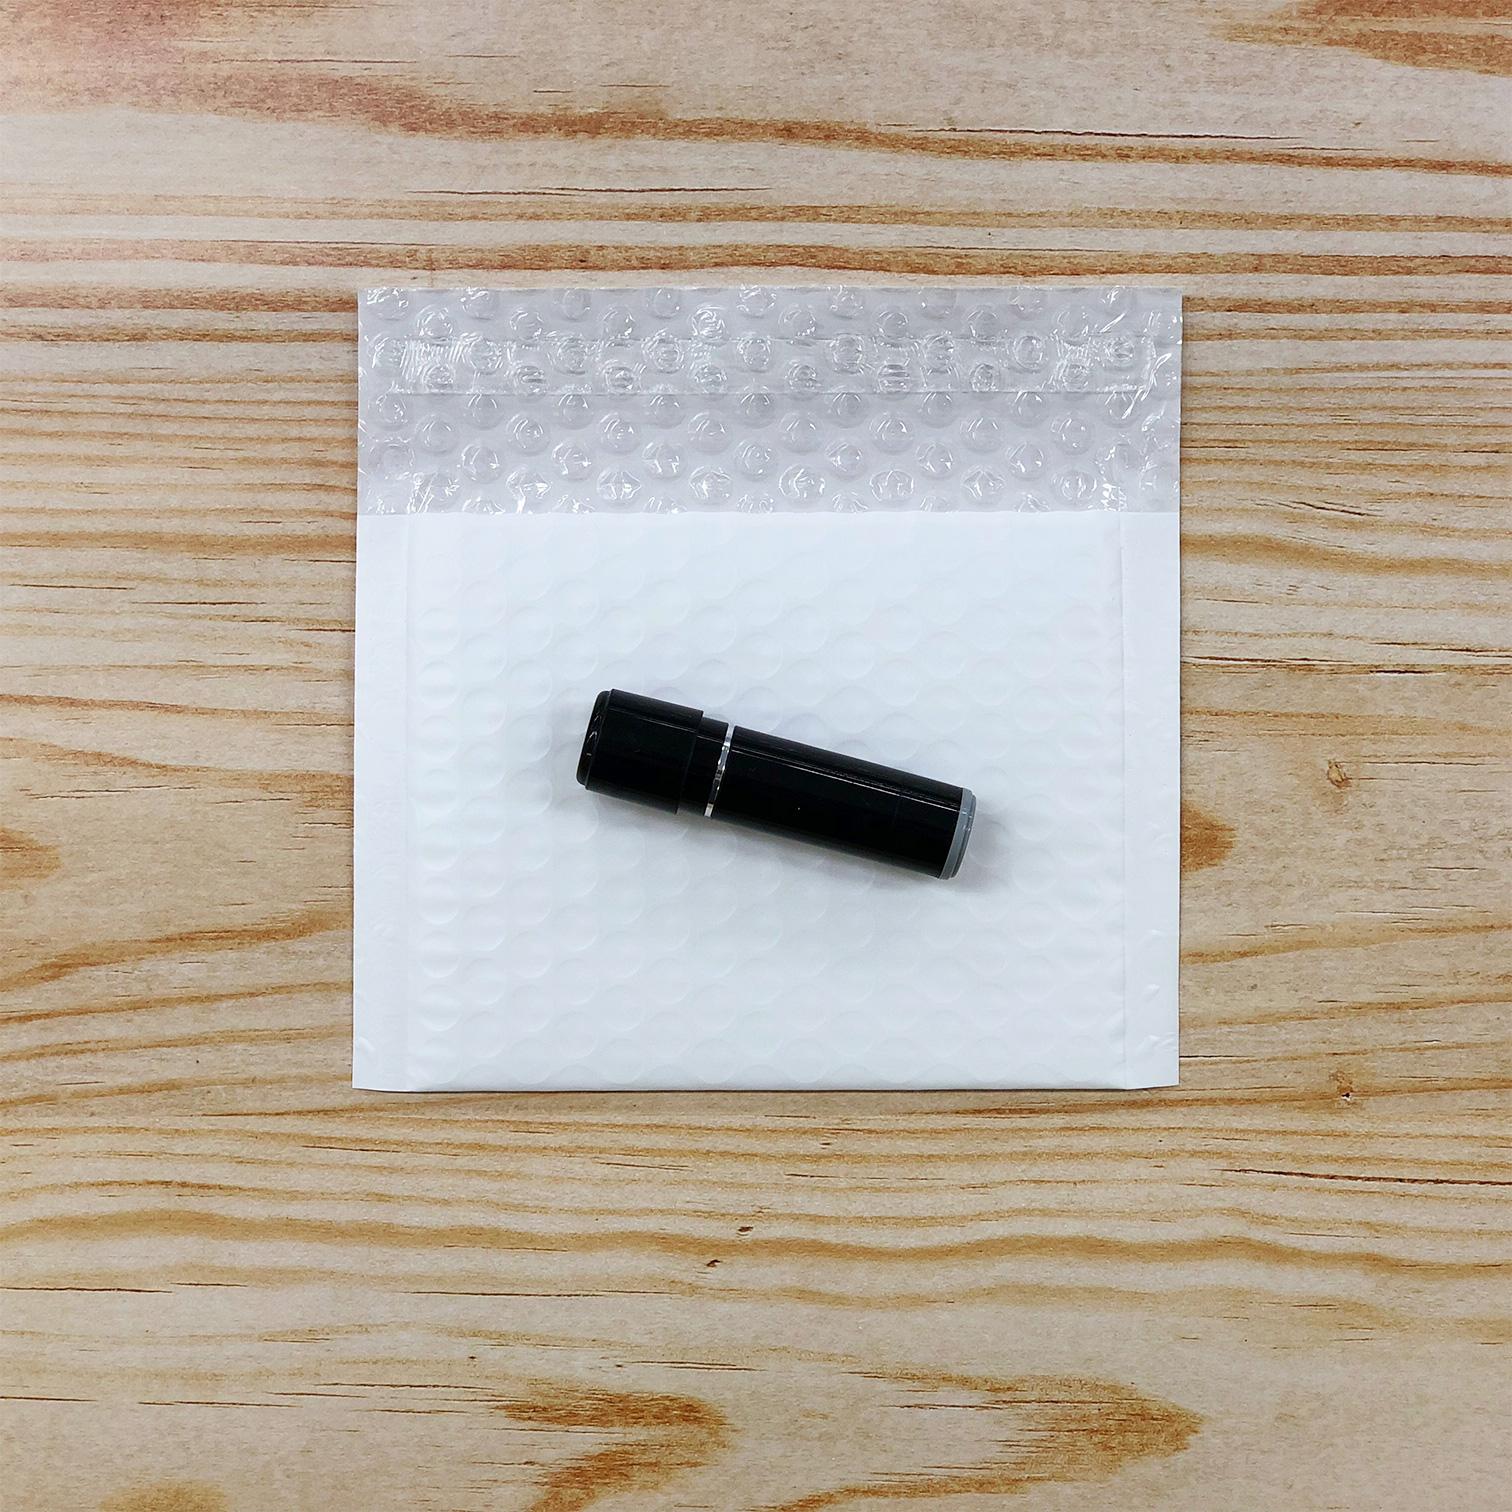 【2400枚】クッション封筒 スリム薄型 耐水タイプ ホワイト miniサイズ(外寸150×100+40mm)